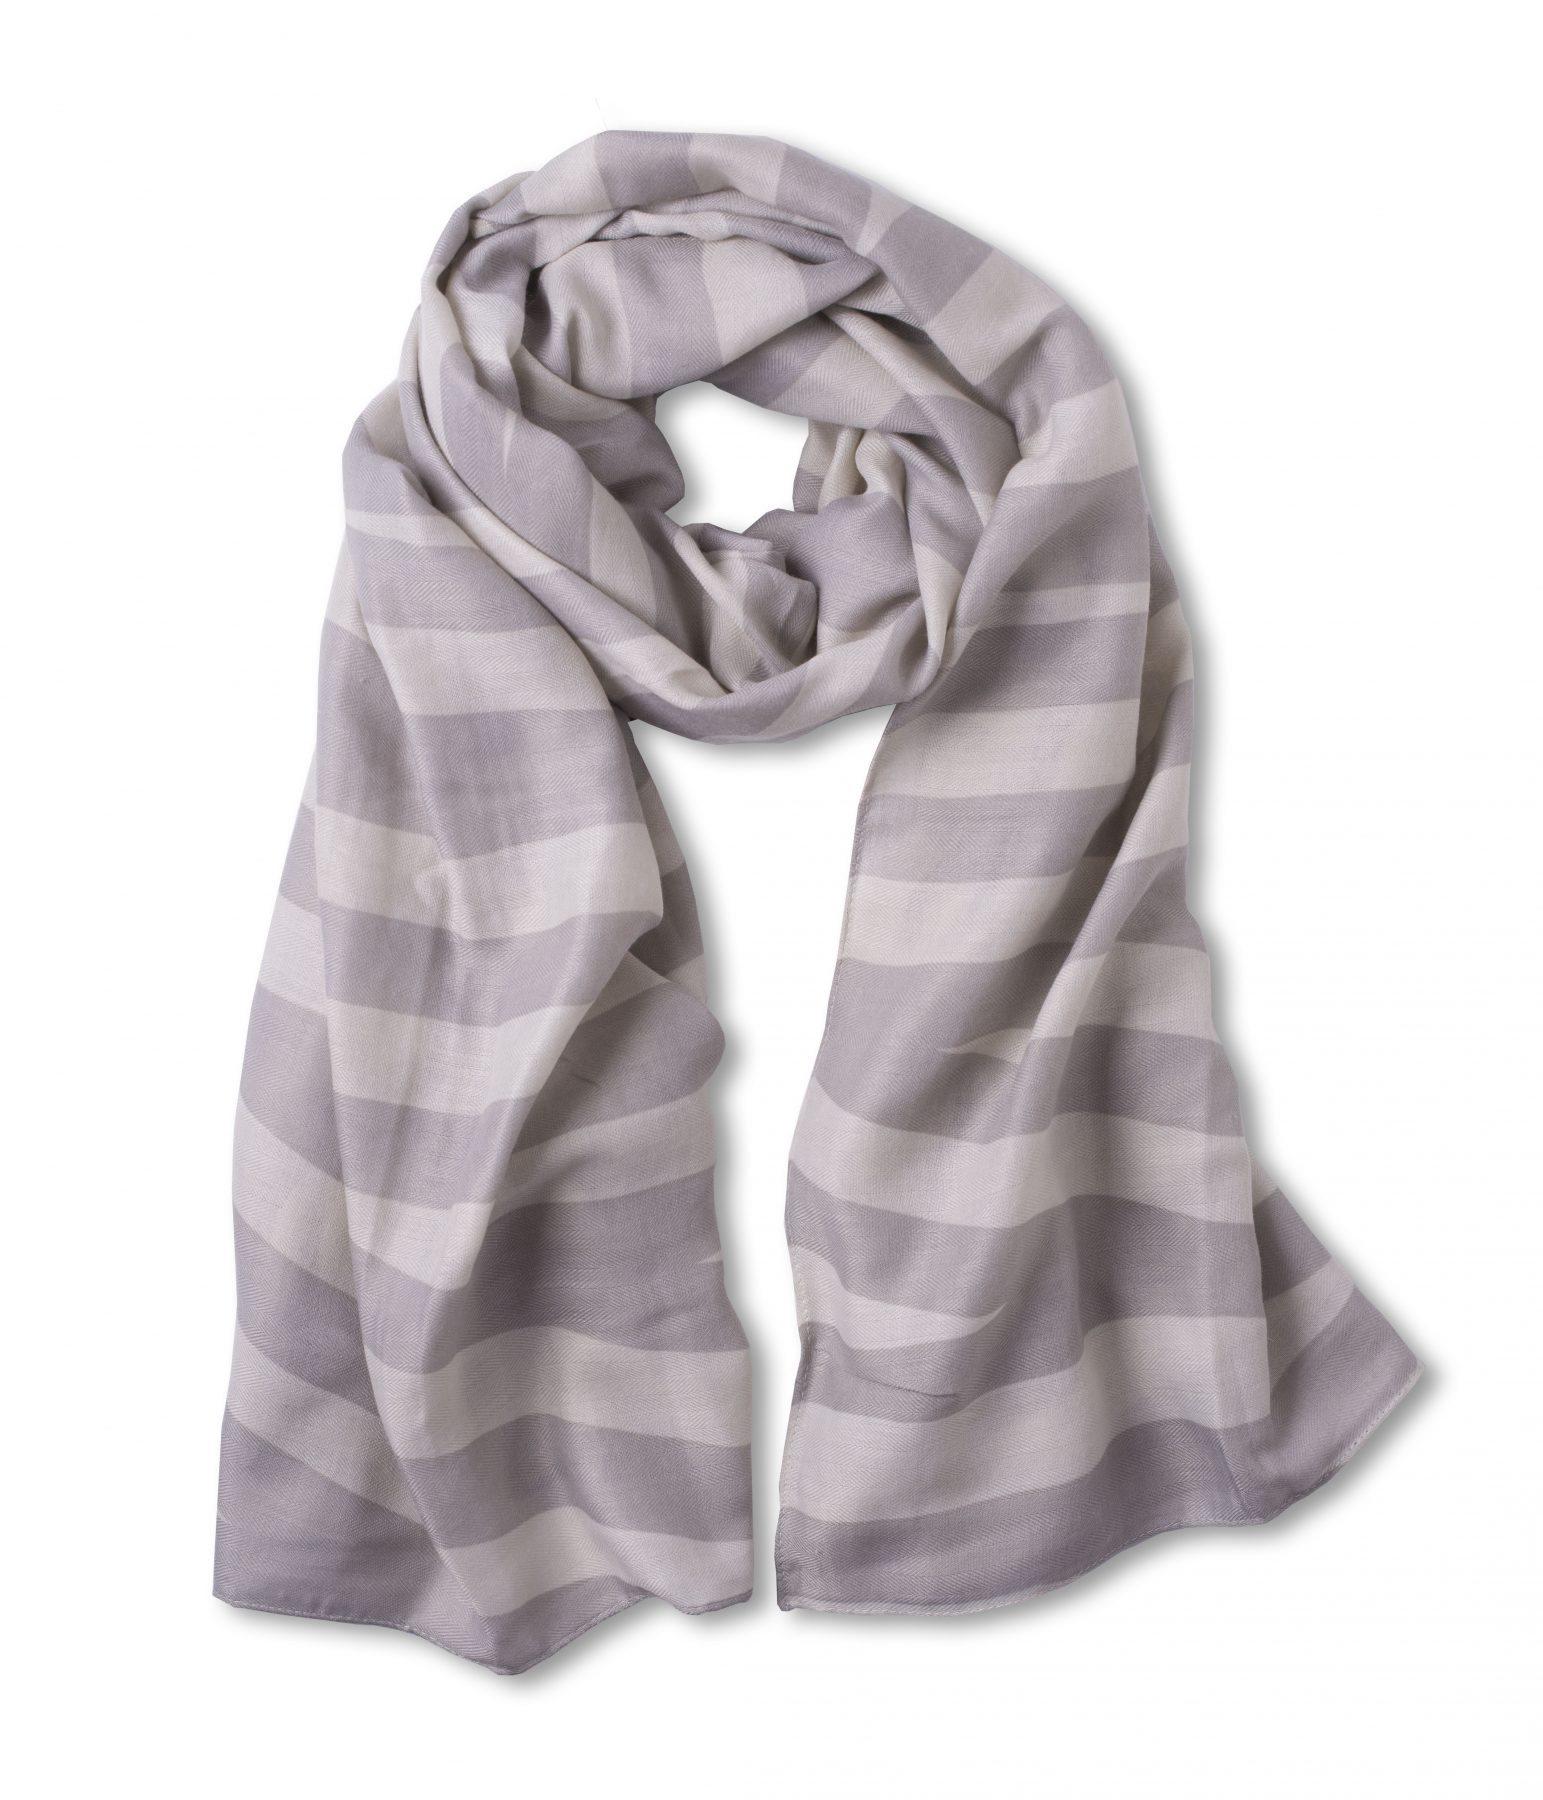 Katie Loxton Herringbone Scarf Grey/Pale Grey